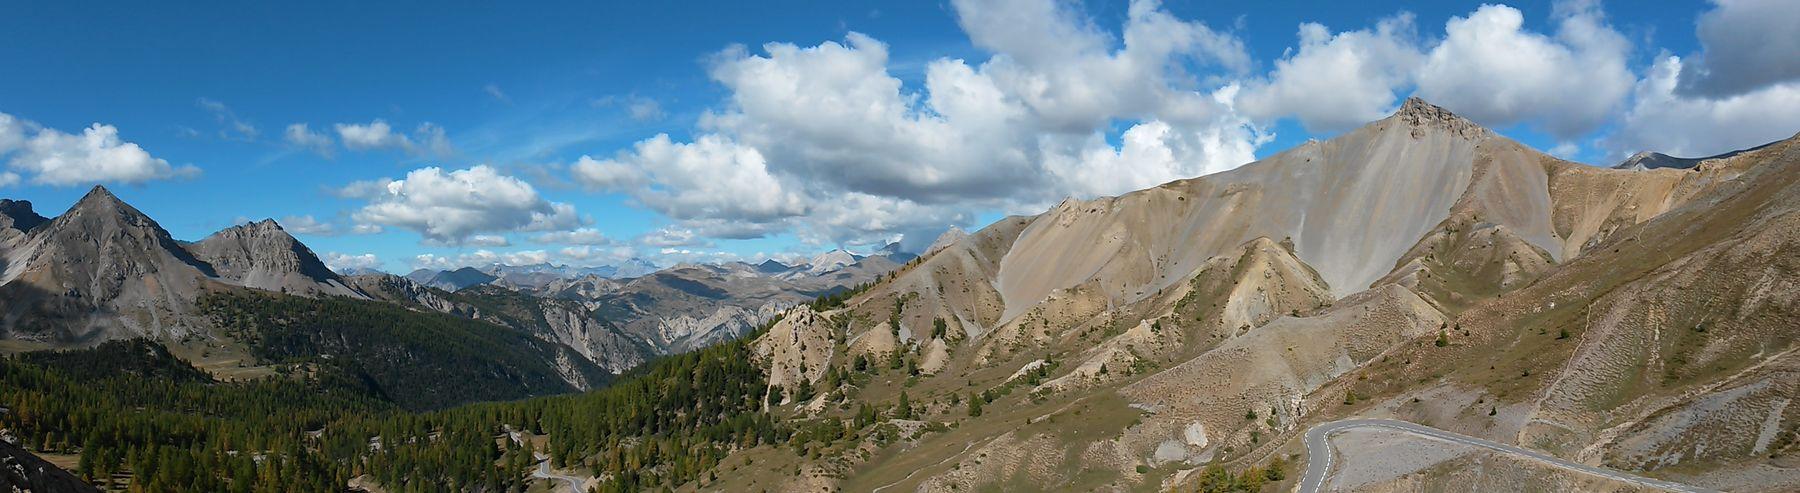 Landscape Paysage Alpes Grandiose